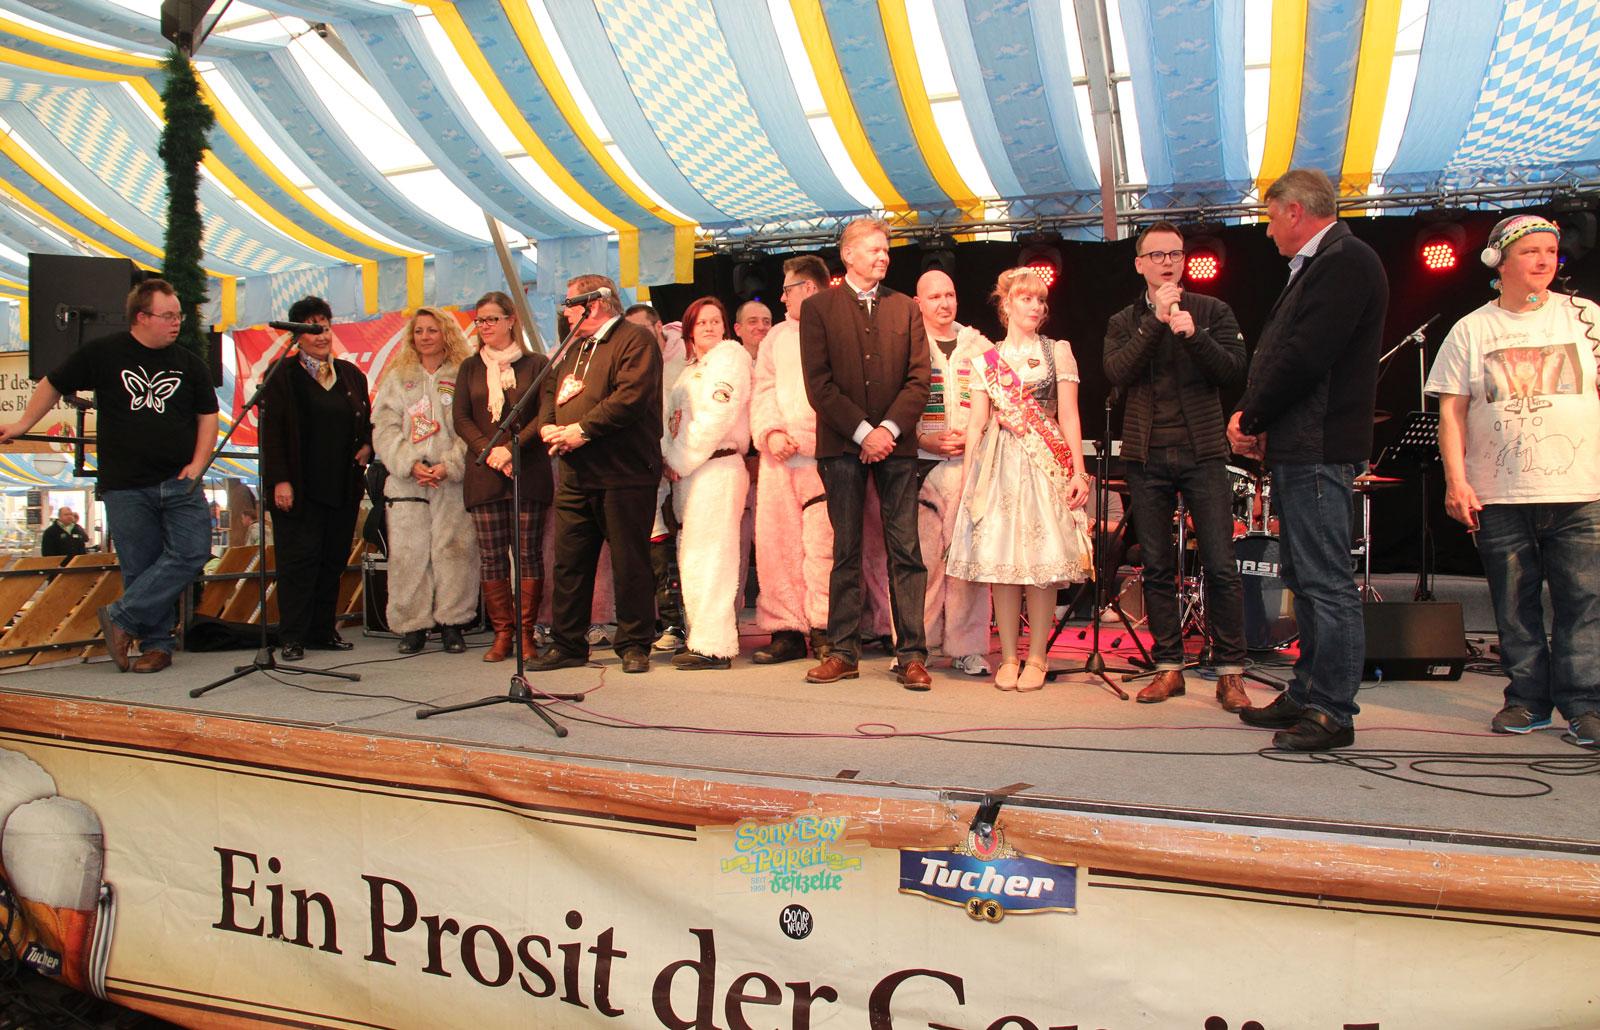 Bühne Papertzelt am Aktionstag für Menschen mit Handicap, Frühlingsfest Nürnberg 2017